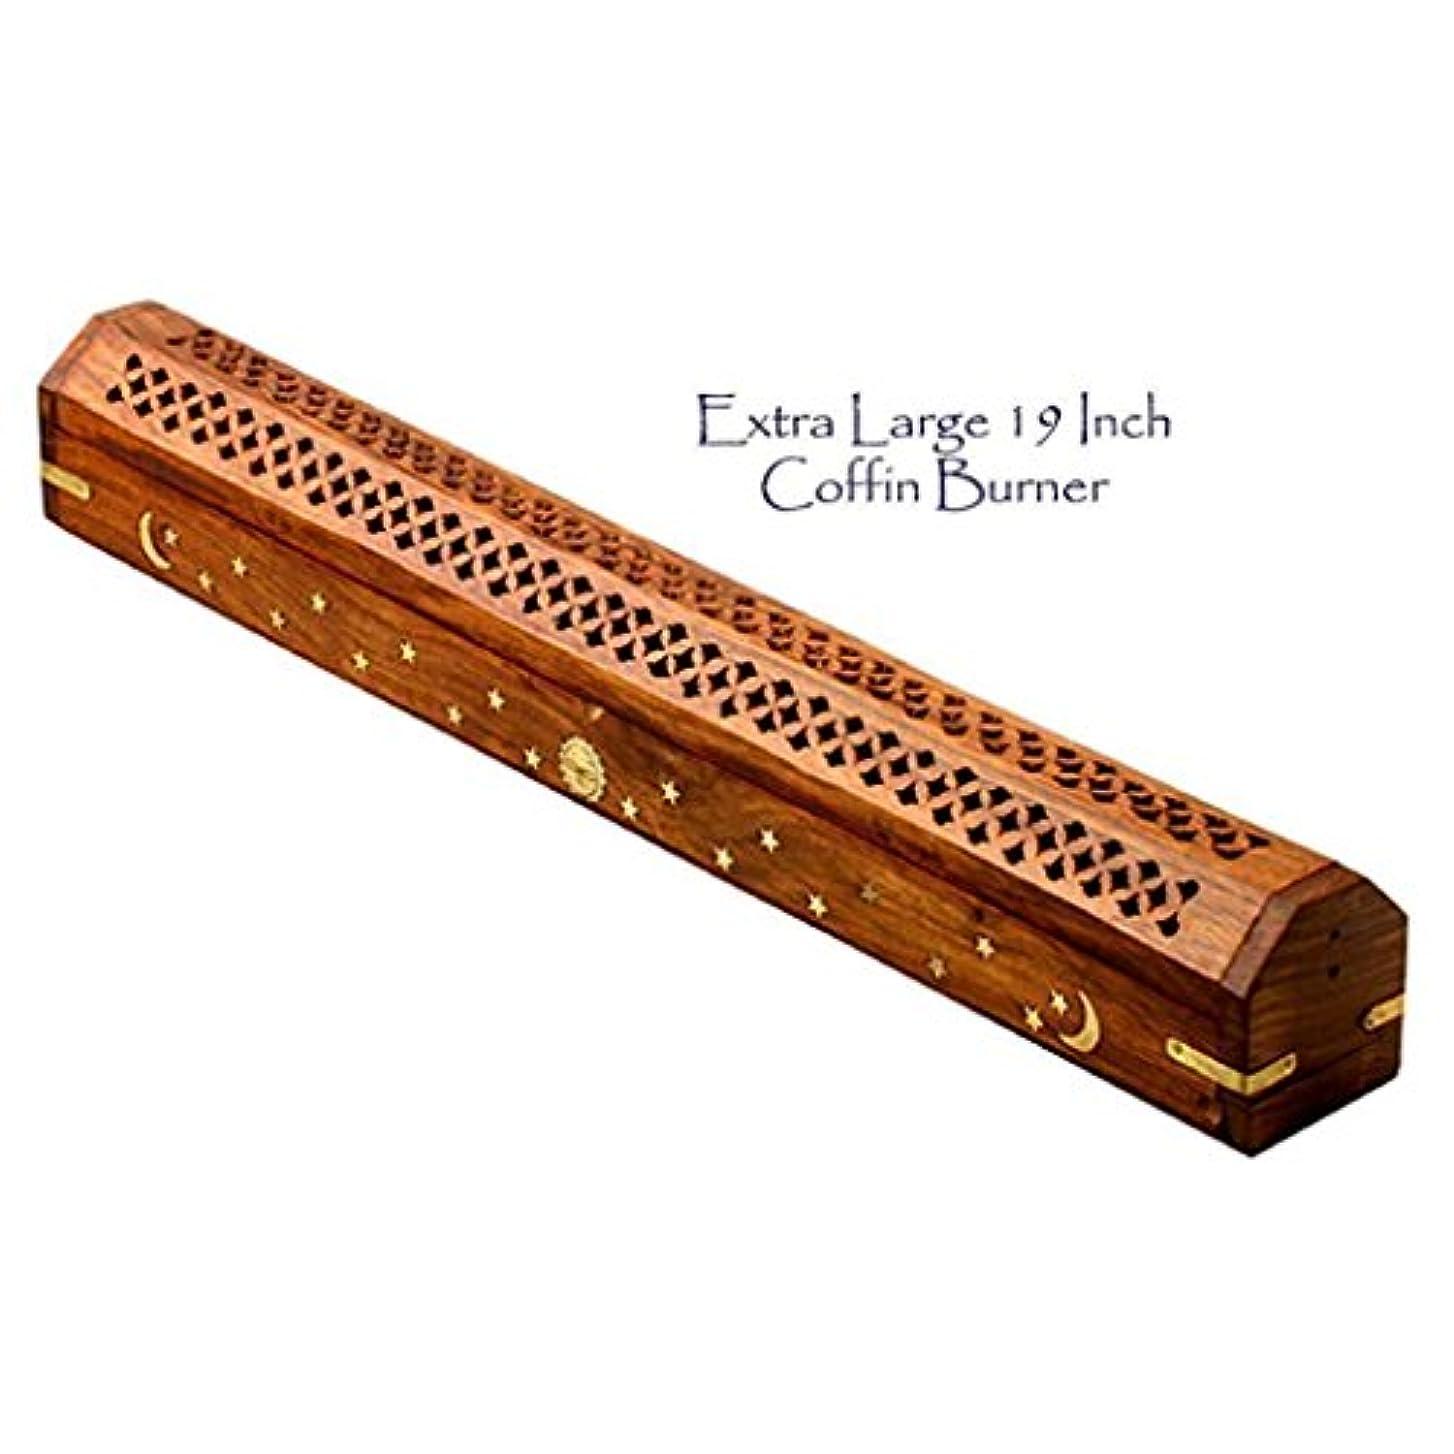 絶滅した同意求人The Parfumerie Incense CoFfIn / Burner Extra Large for 19 in。Incense Sticks – 真鍮月&星